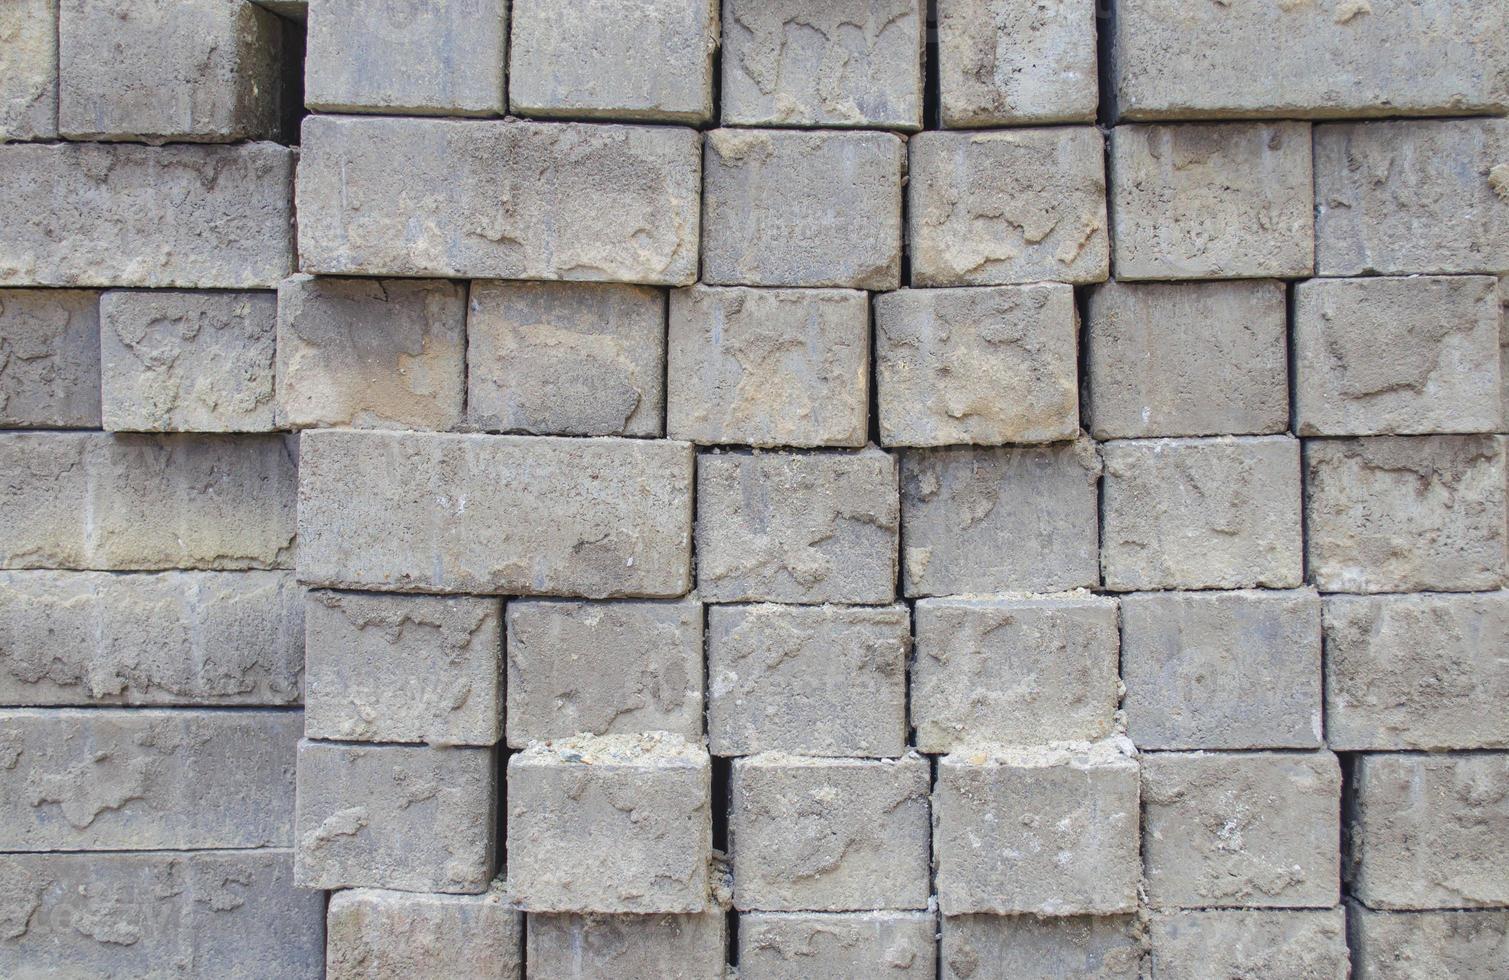 graue Steine in Reihen gestapelt foto